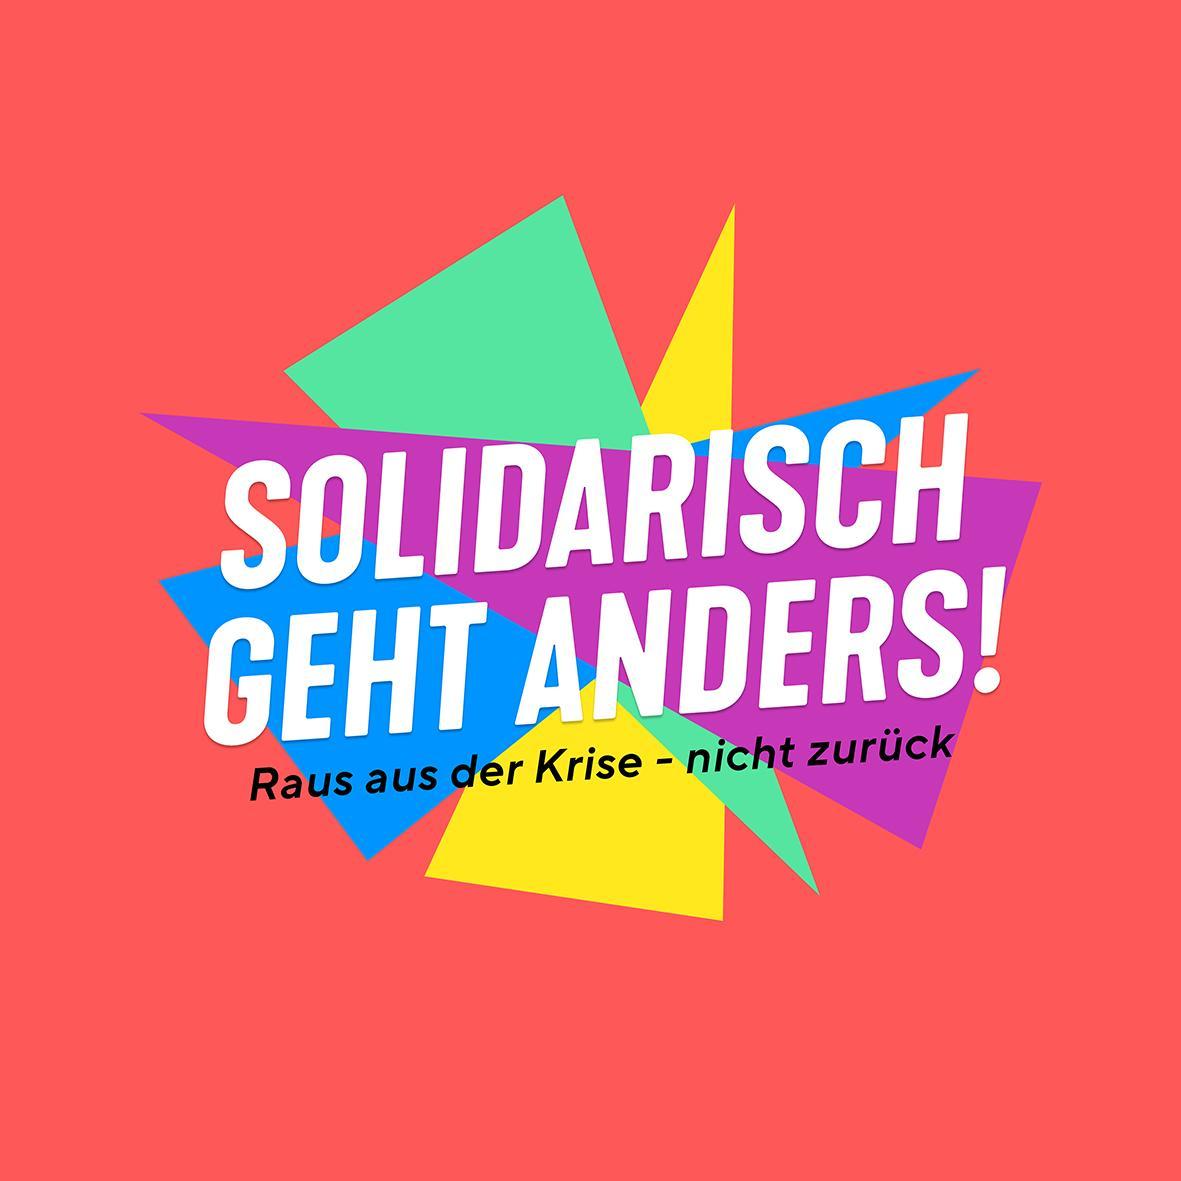 Solidarisch geht anders!